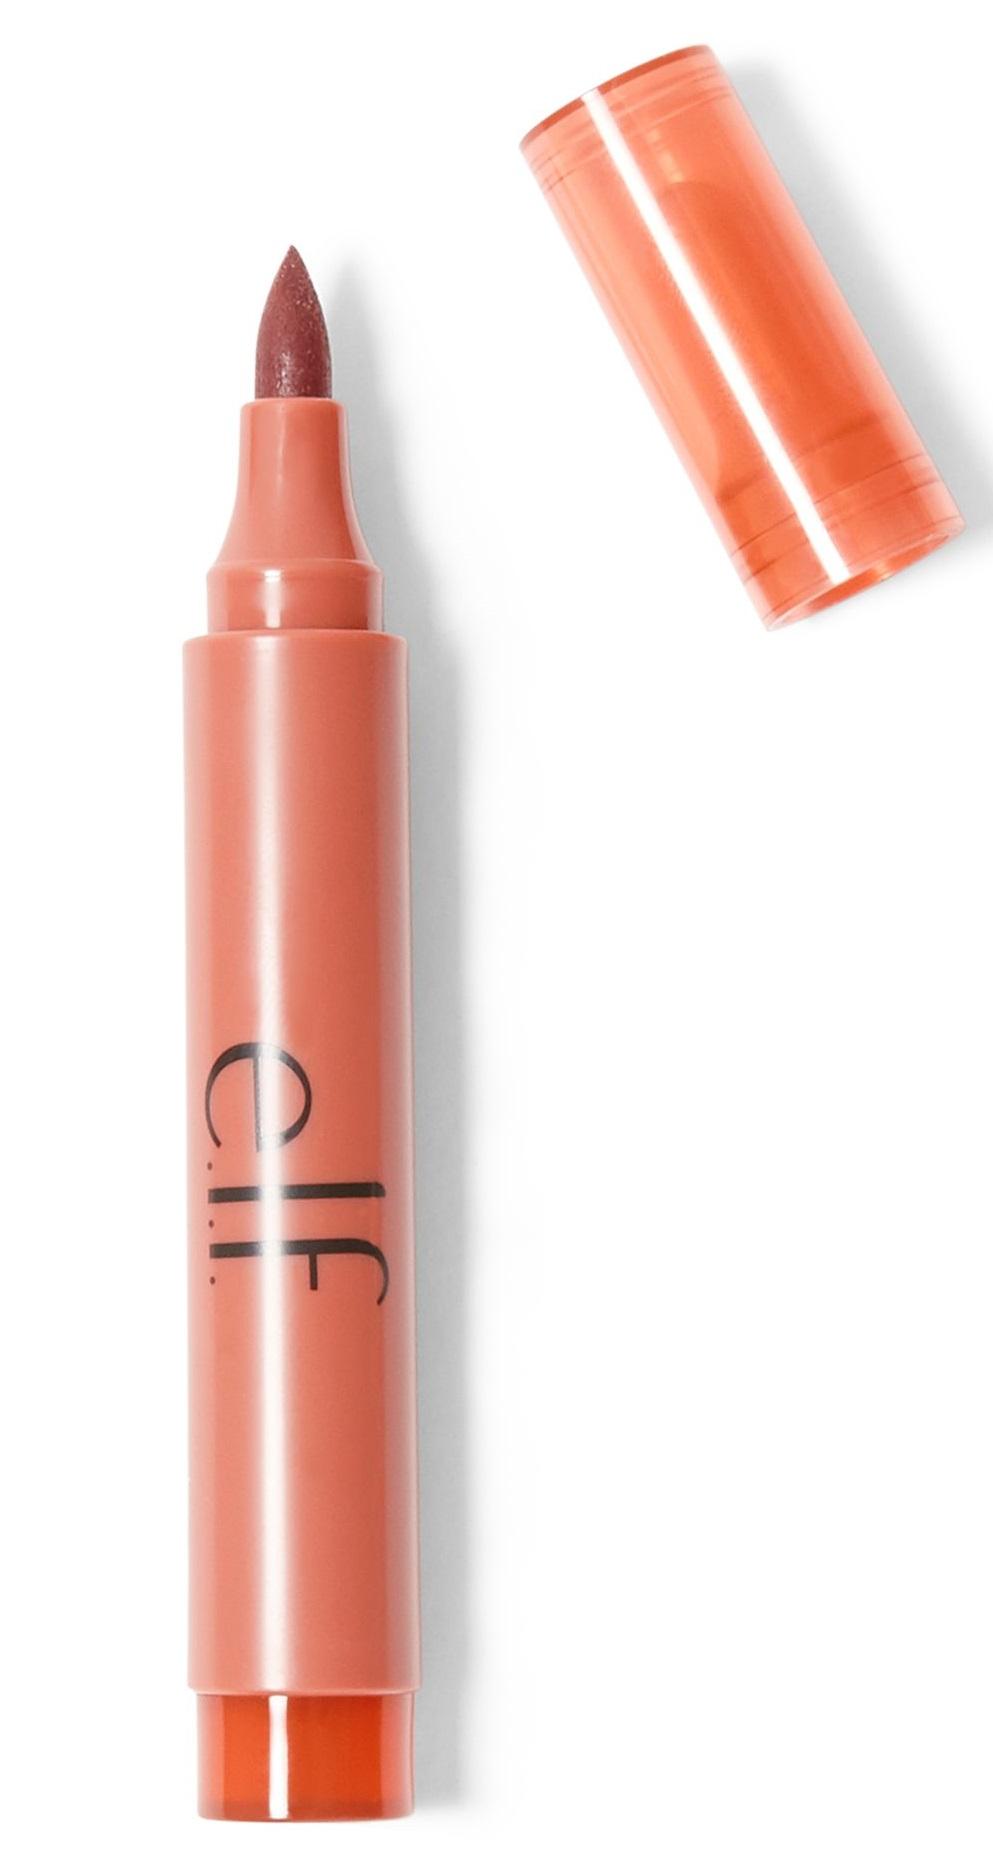 e.l.f. Essential Lip Stain